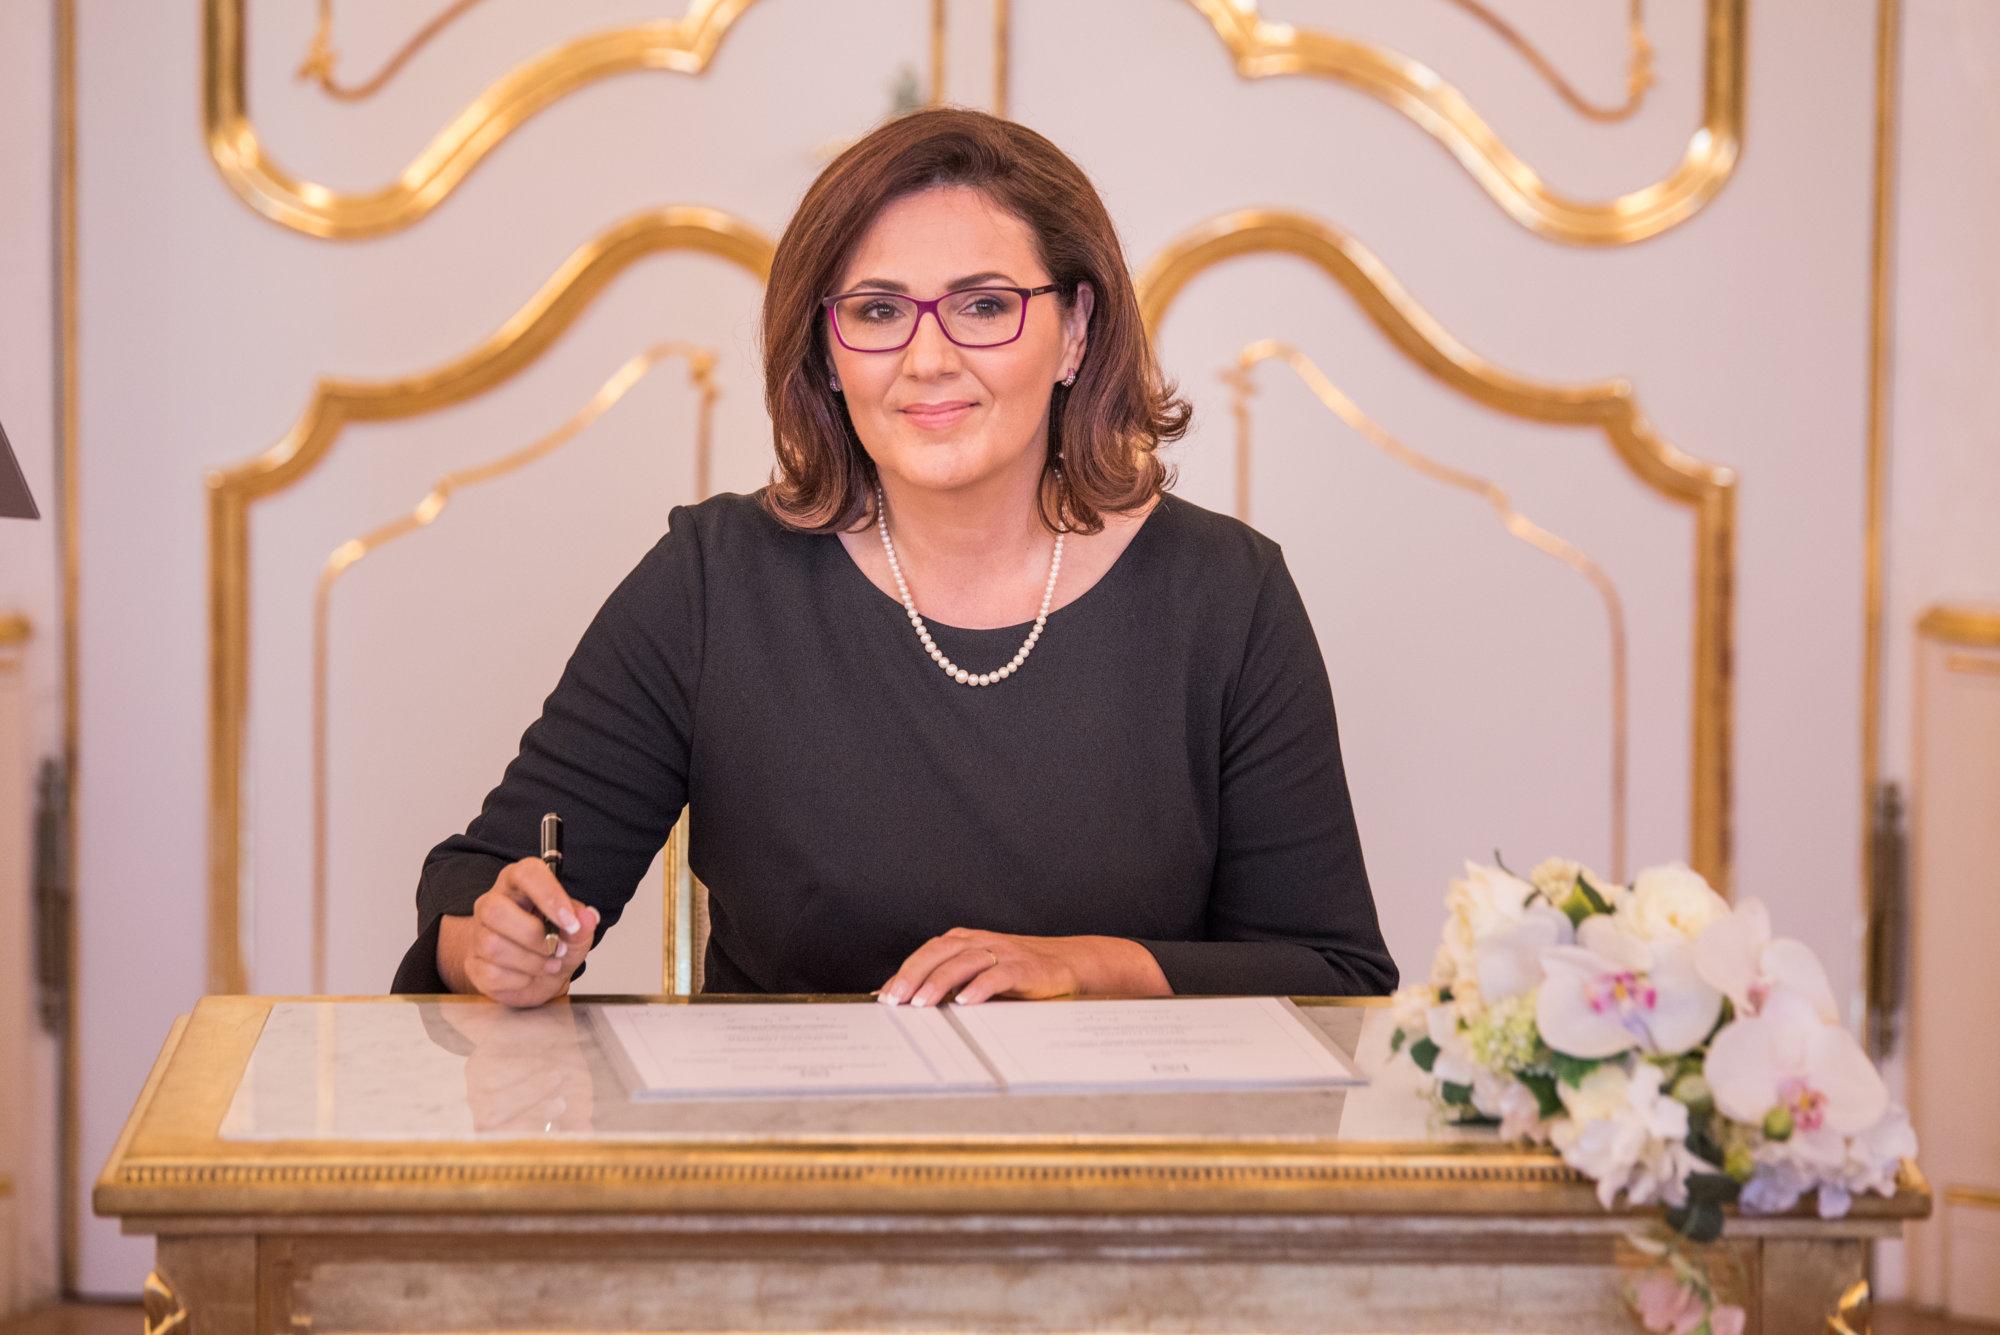 Lubyová spochybňuje komisiu, ktorá rozhodovala o Dankovej rigoróznej práci – Denník N